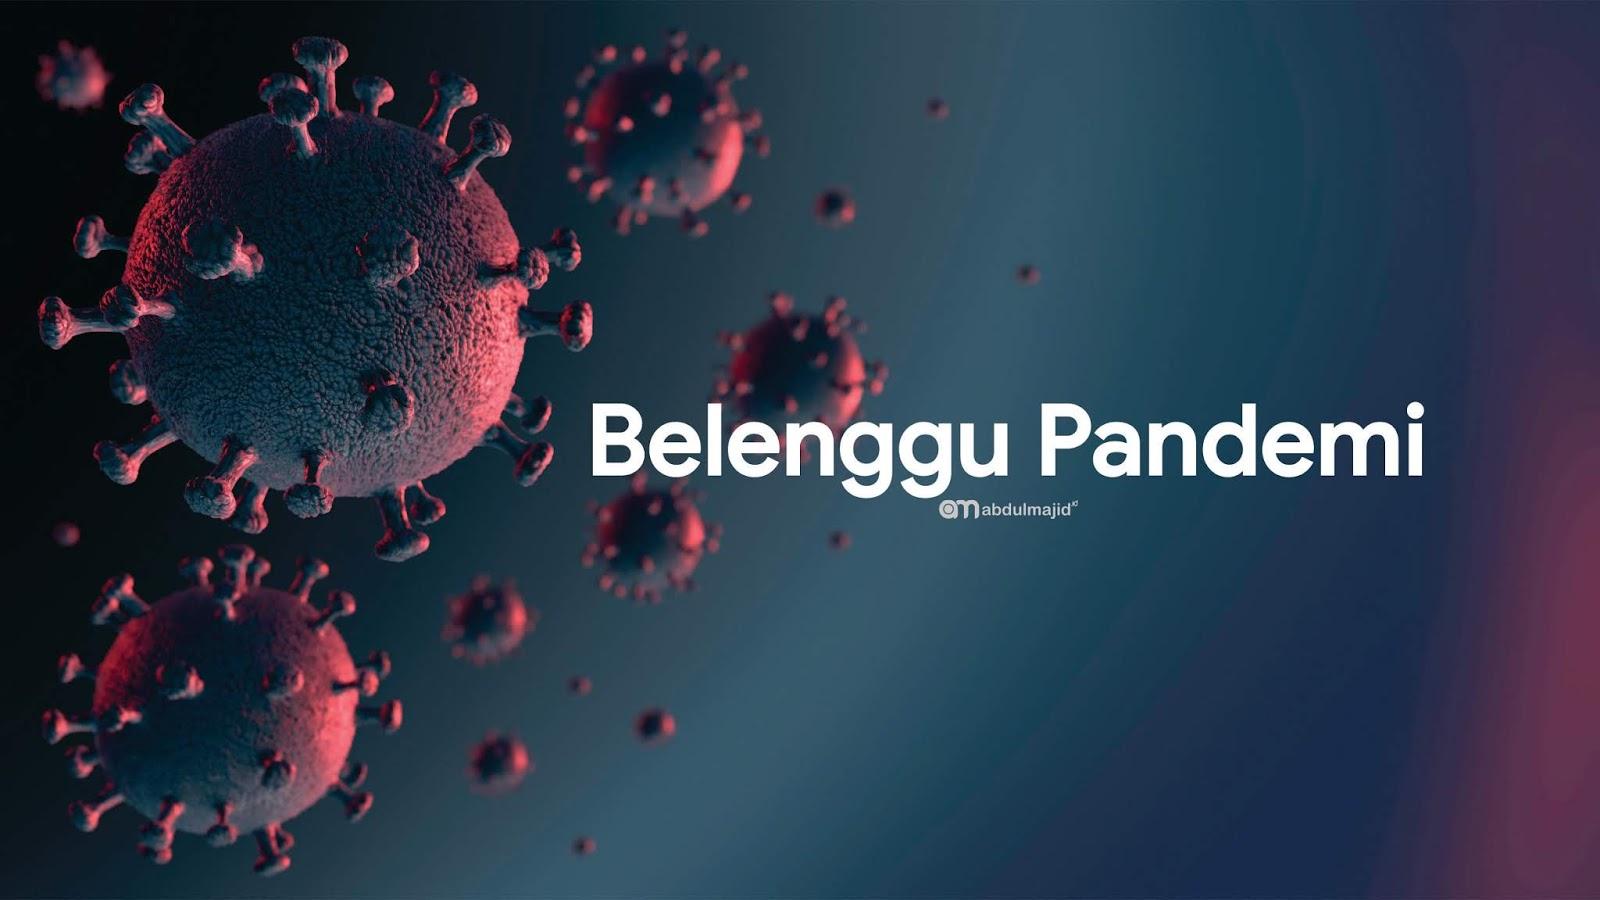 pandemi-corona-virus